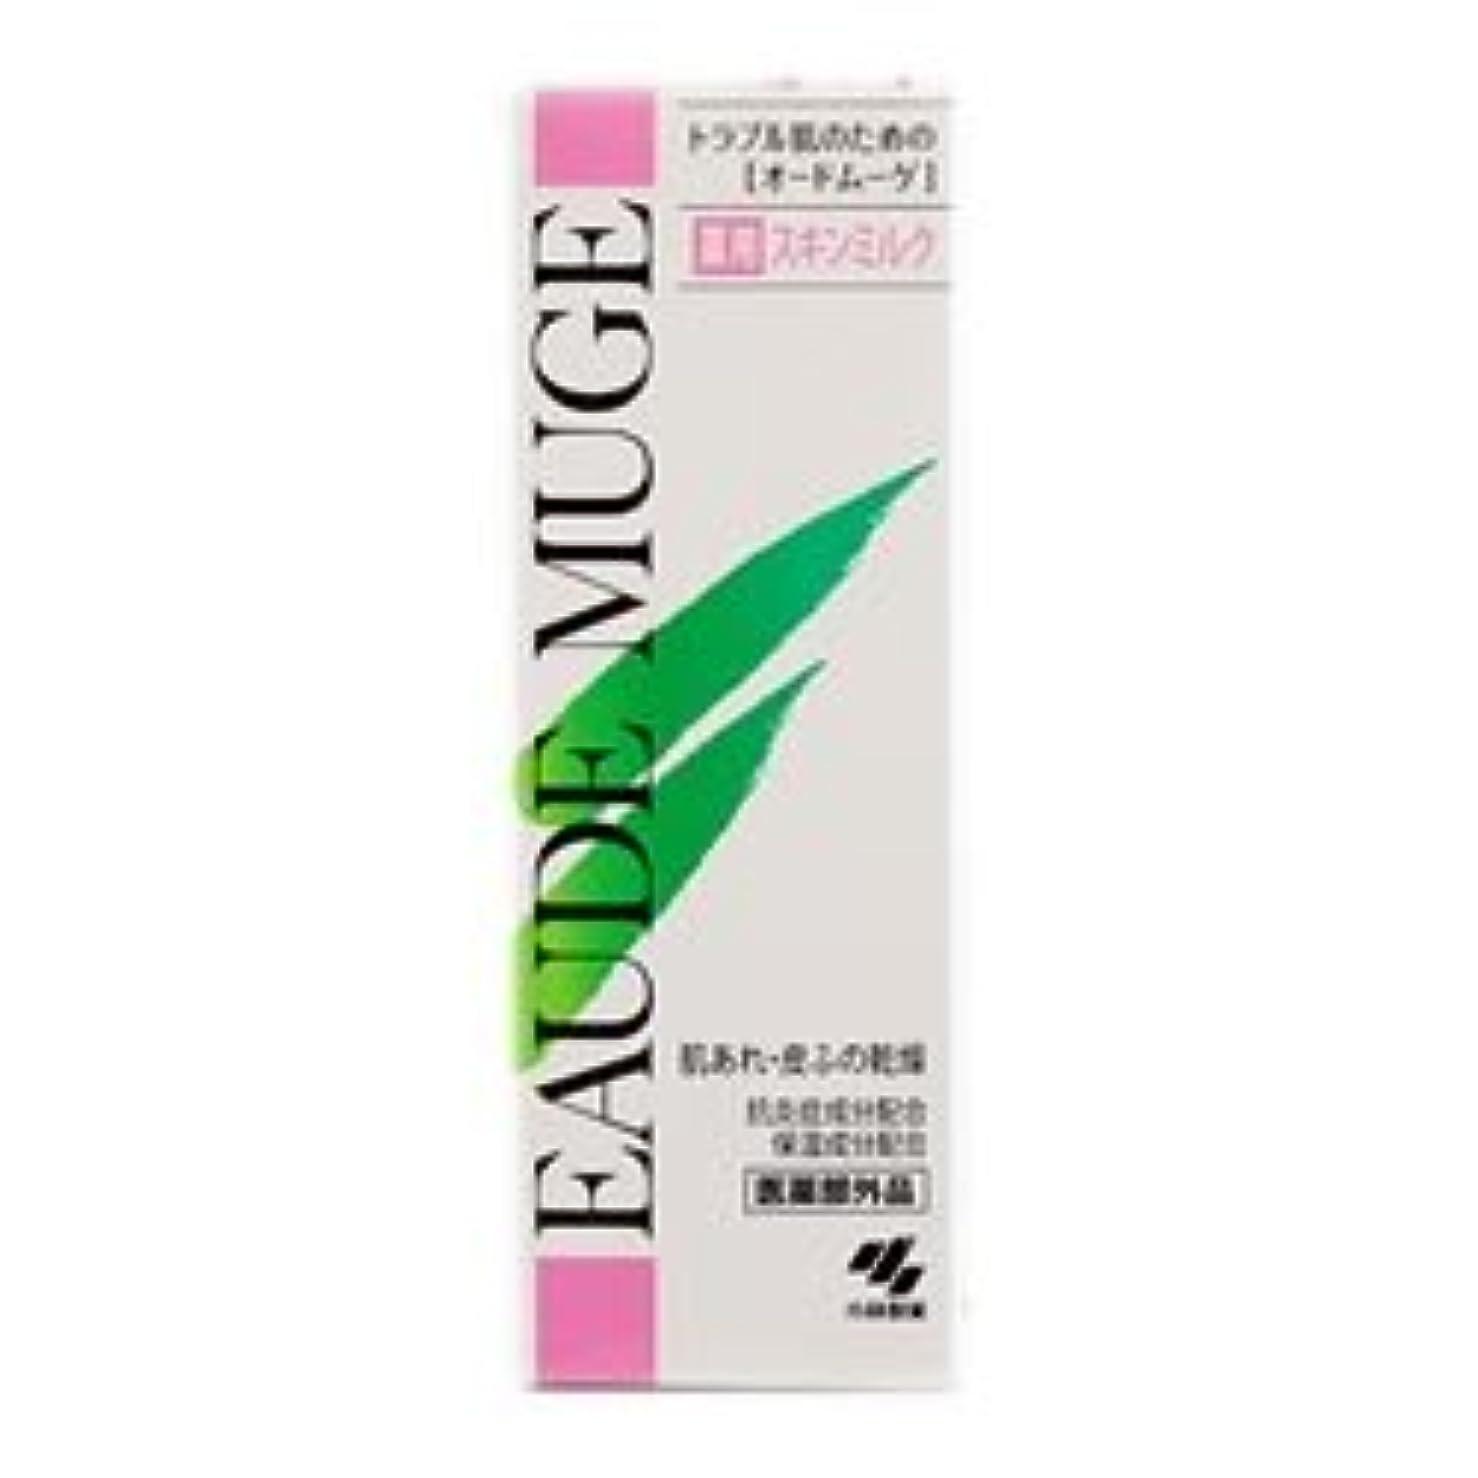 テラス連鎖銀【小林製薬】オードムーゲ薬用スキンミルク 100g ×5個セット